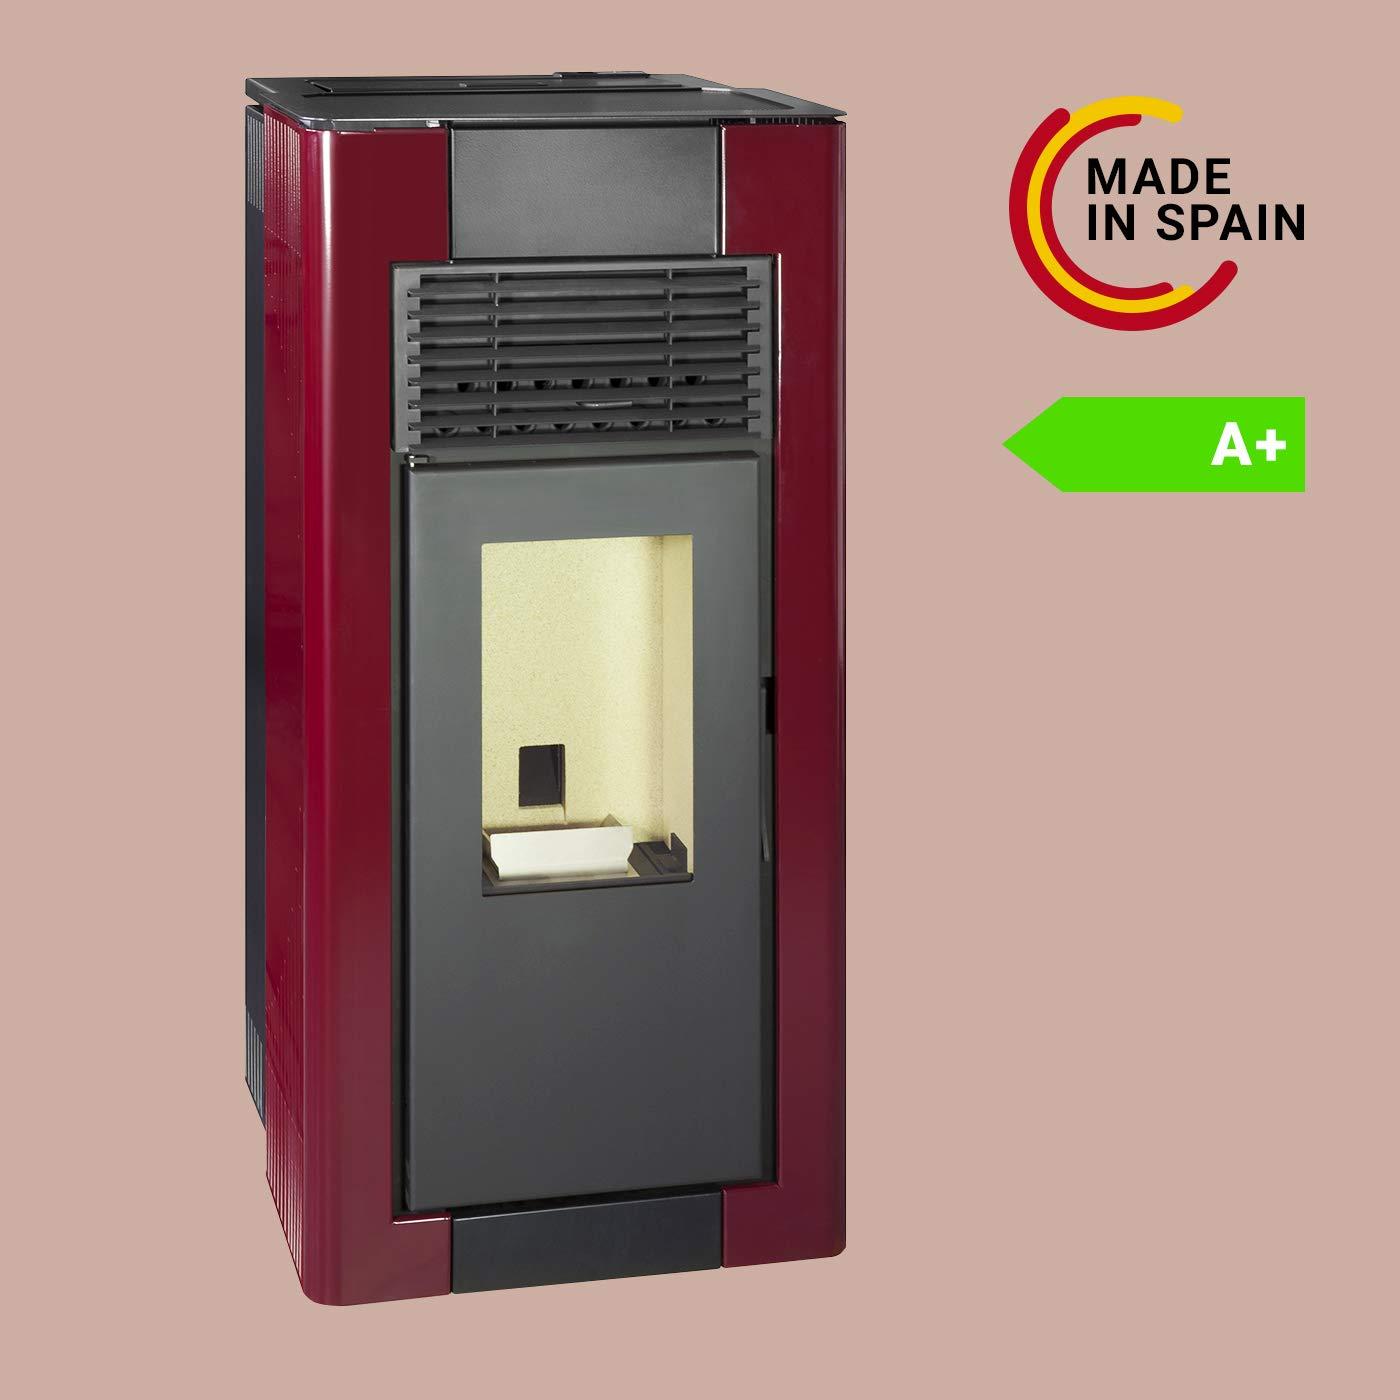 Pyram Estufa Pellets Canalizable | Duradera y Fabricada en España (375 m3-15Kw, Rojo Imperial): Amazon.es: Hogar